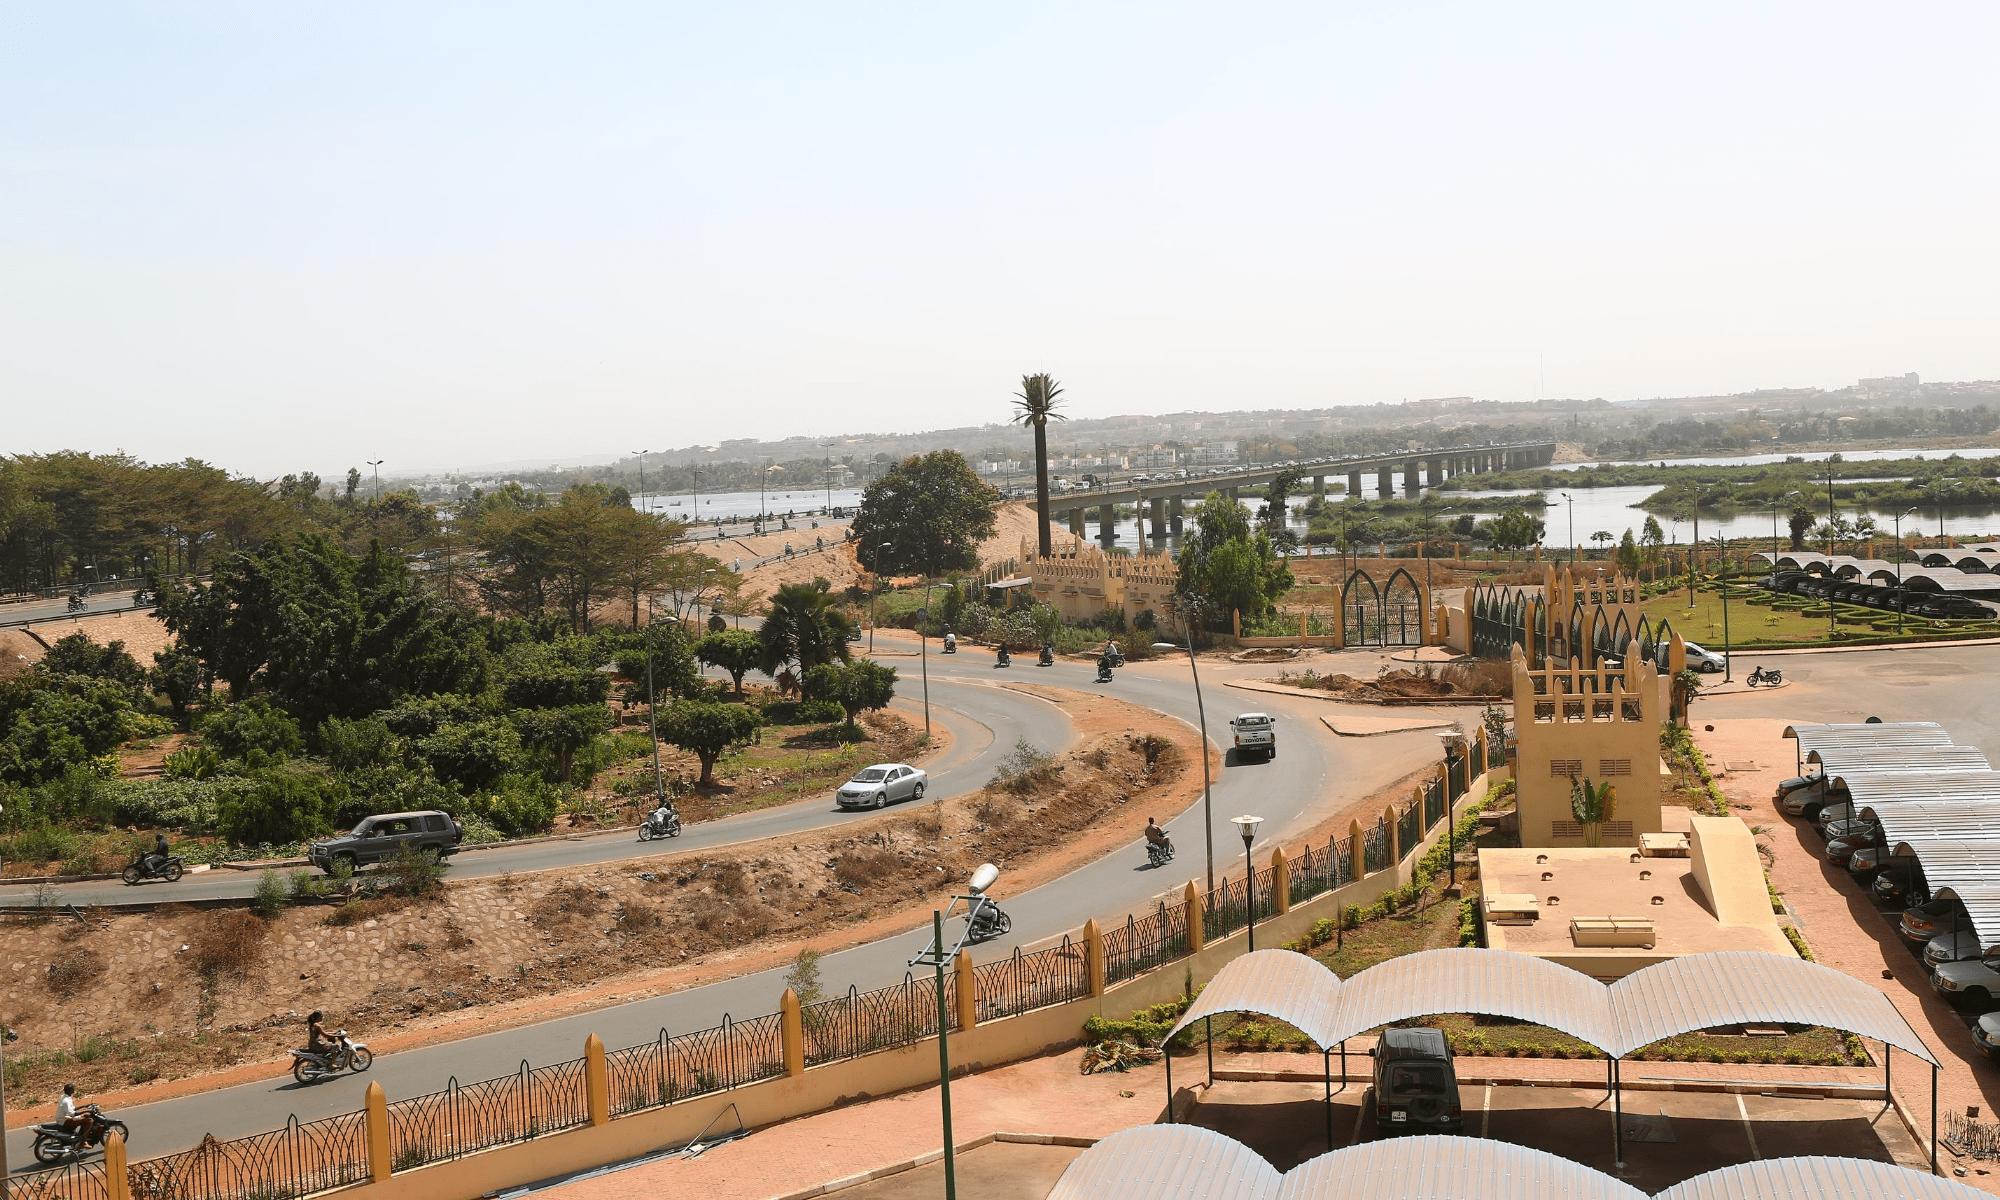 Mali : Ce qui nous inquiète, c'est l'embargo